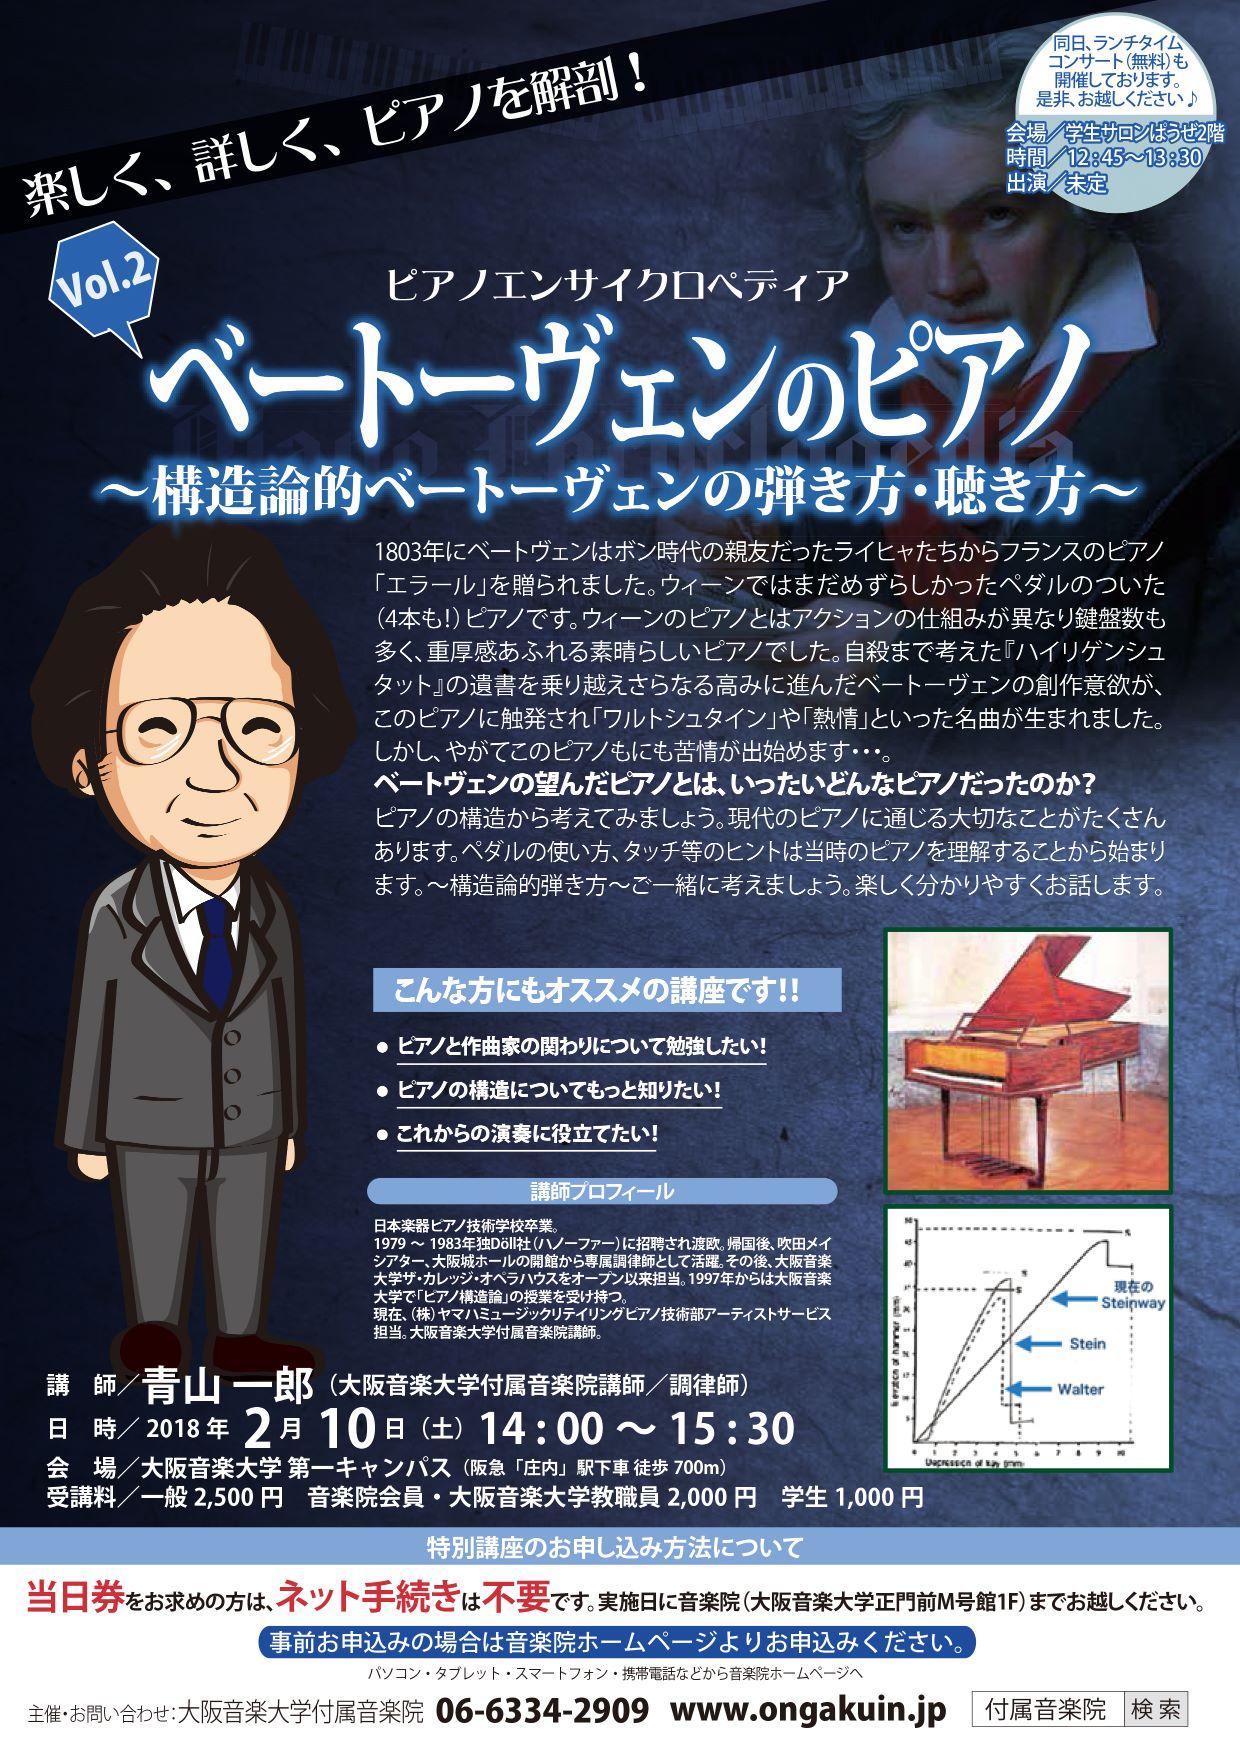 青山一郎のピアノエンサイクロペディア「ベートーヴェンのピアノ」